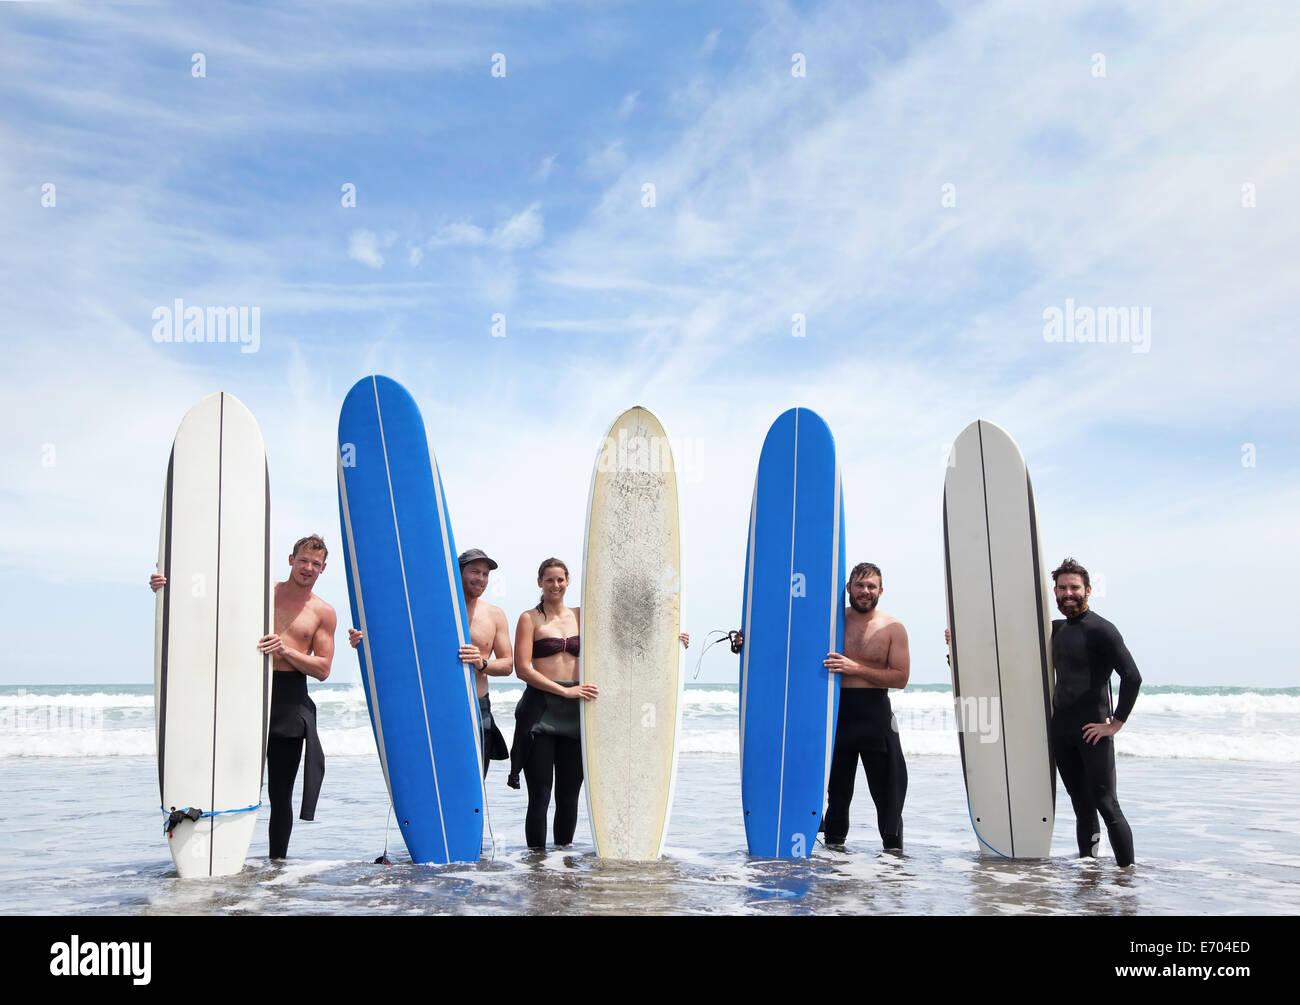 Gruppenbild der männlichen und weiblichen Surfer-Freunde im Meer mit Surfbrettern stehend Stockbild